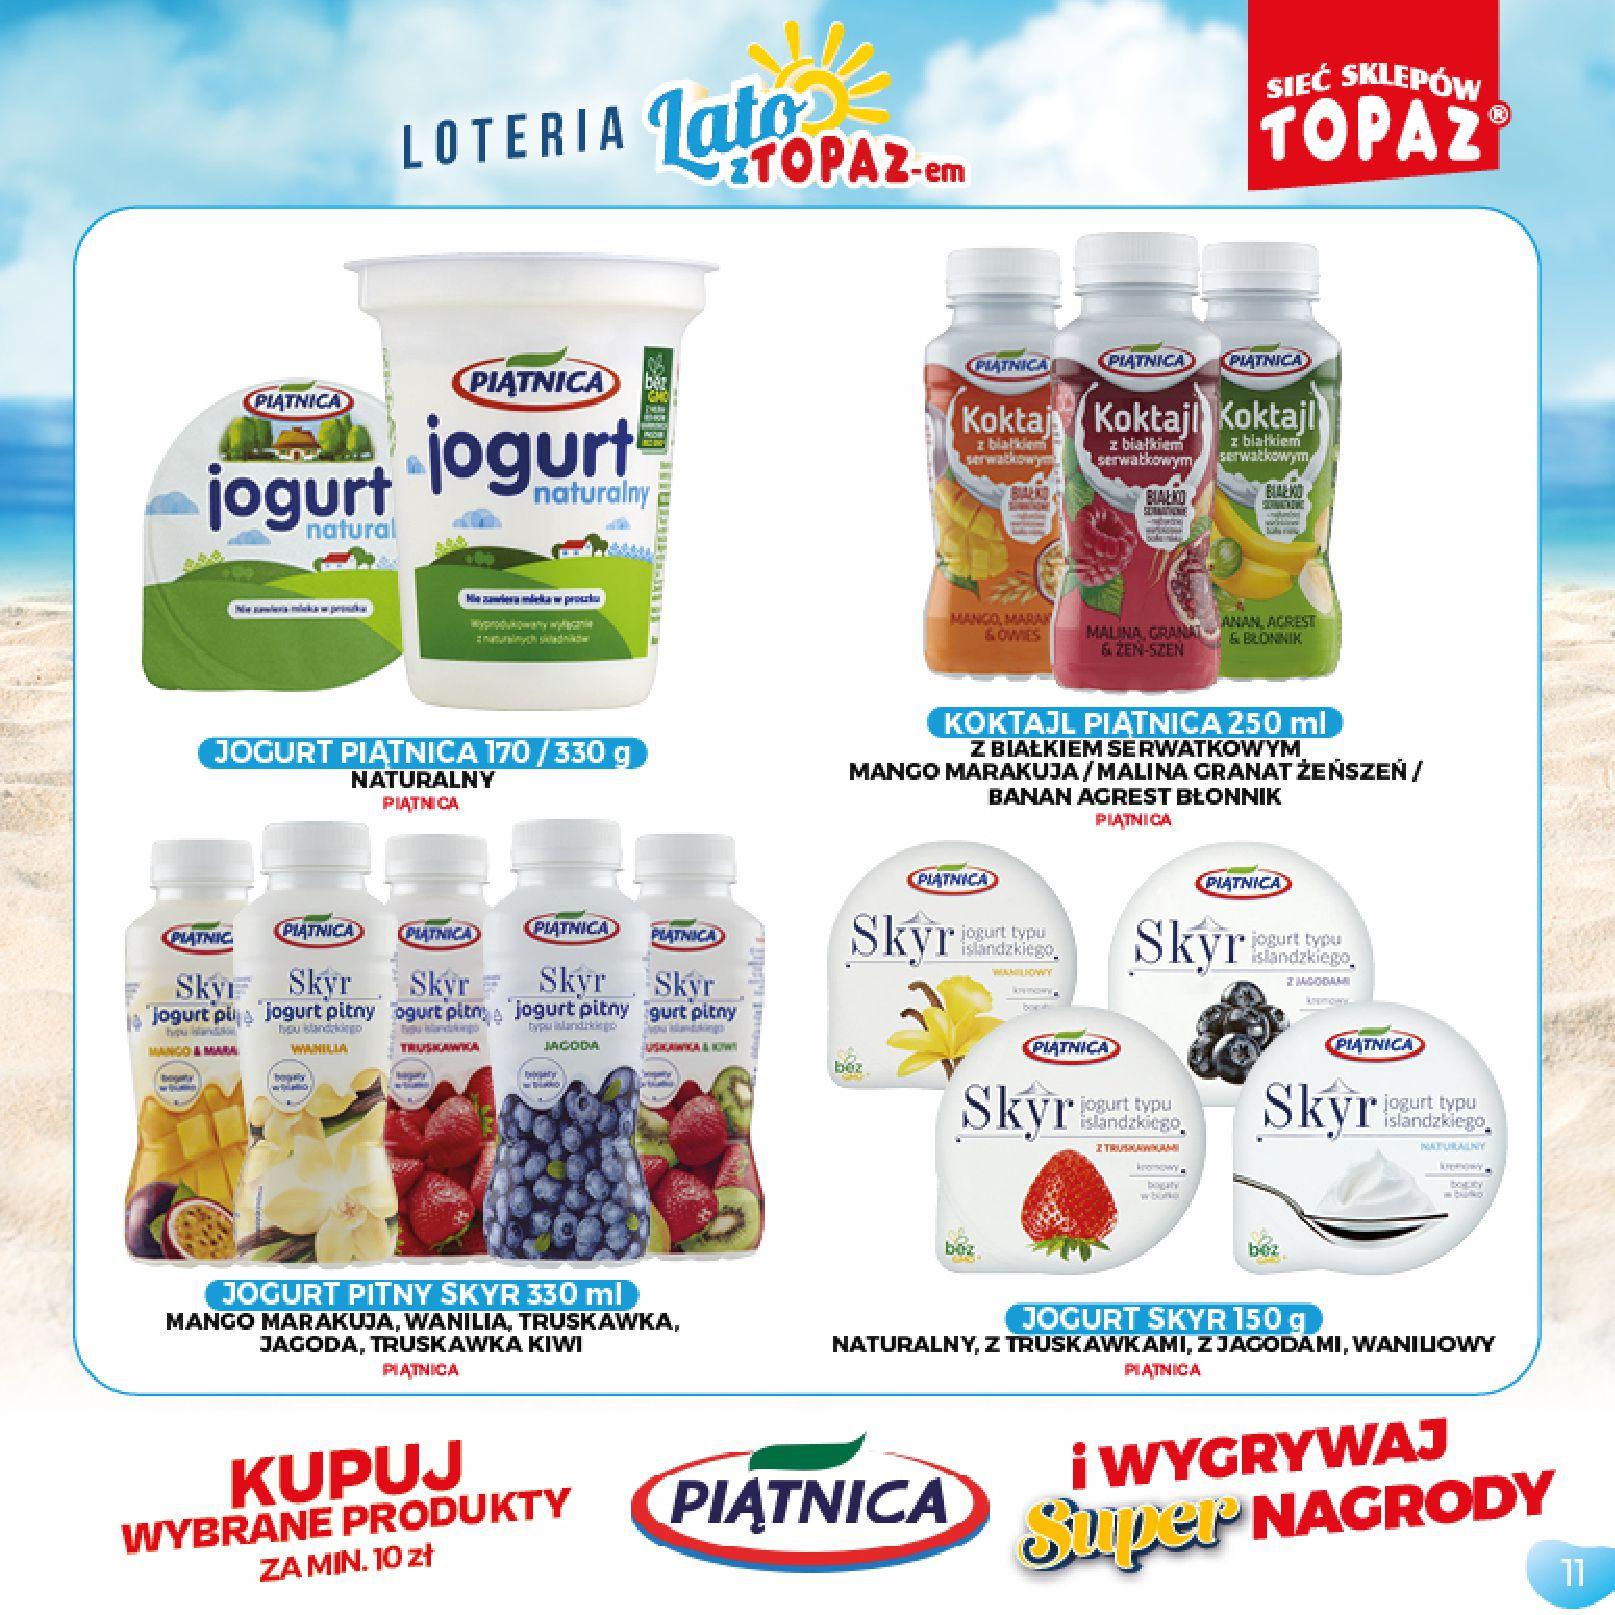 Gazetka TOPAZ: Gazetka TOPAZ - Loteria 2021-07-05 page-11